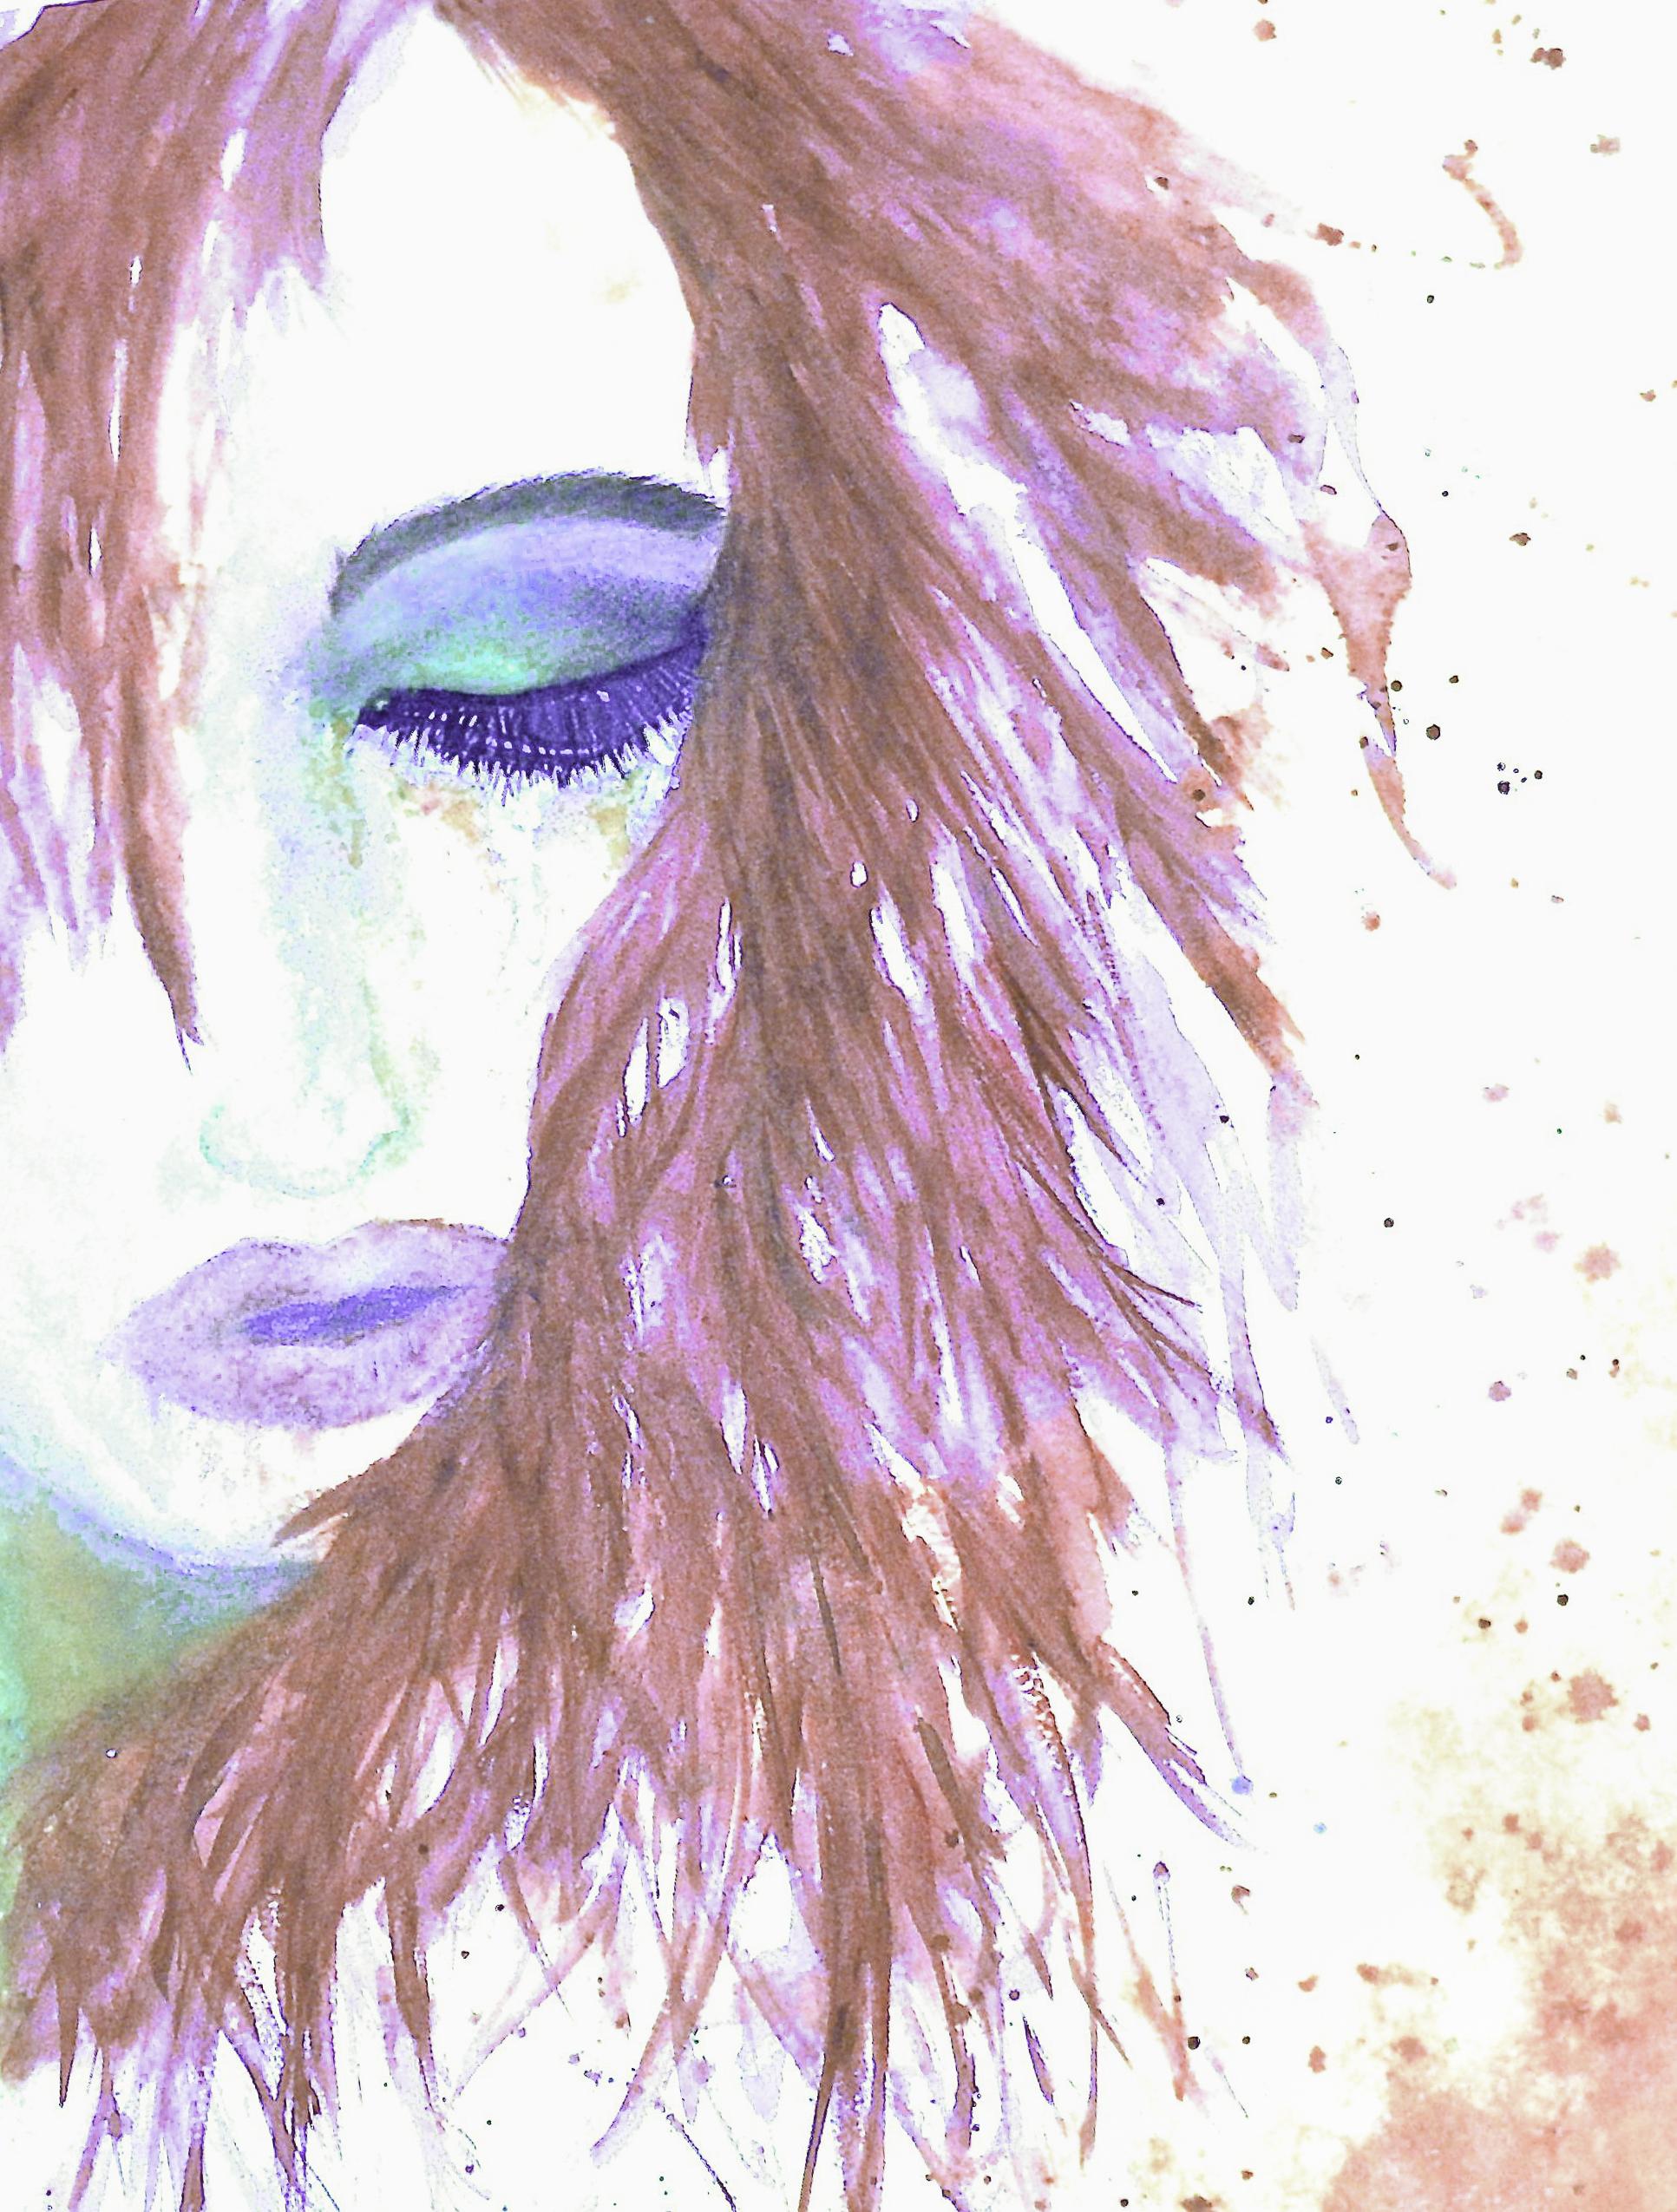 Release-Pink hair-peacock eye 2014